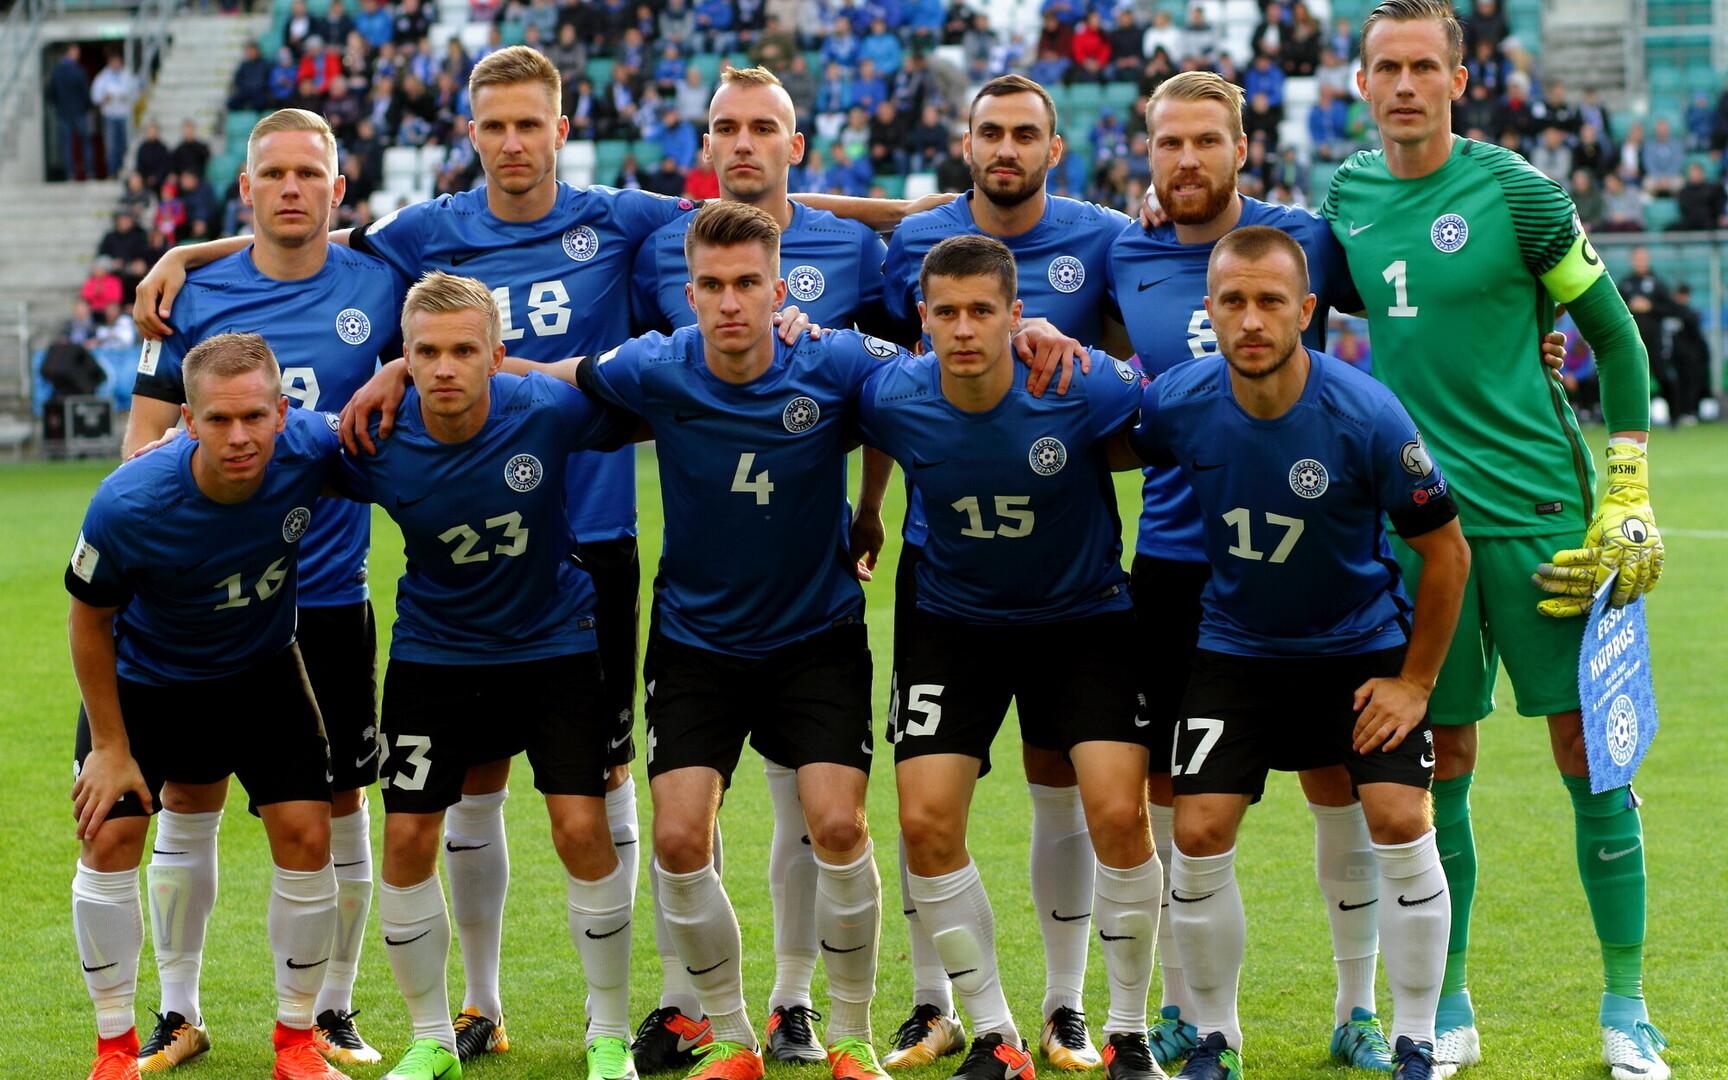 2f0483b942a Eesti jalgpallikoondis enne mängu Küprosega. Autor/allikas: Siim  Semiskar/ERR SPORT. Jalgpalli Eesti koondis